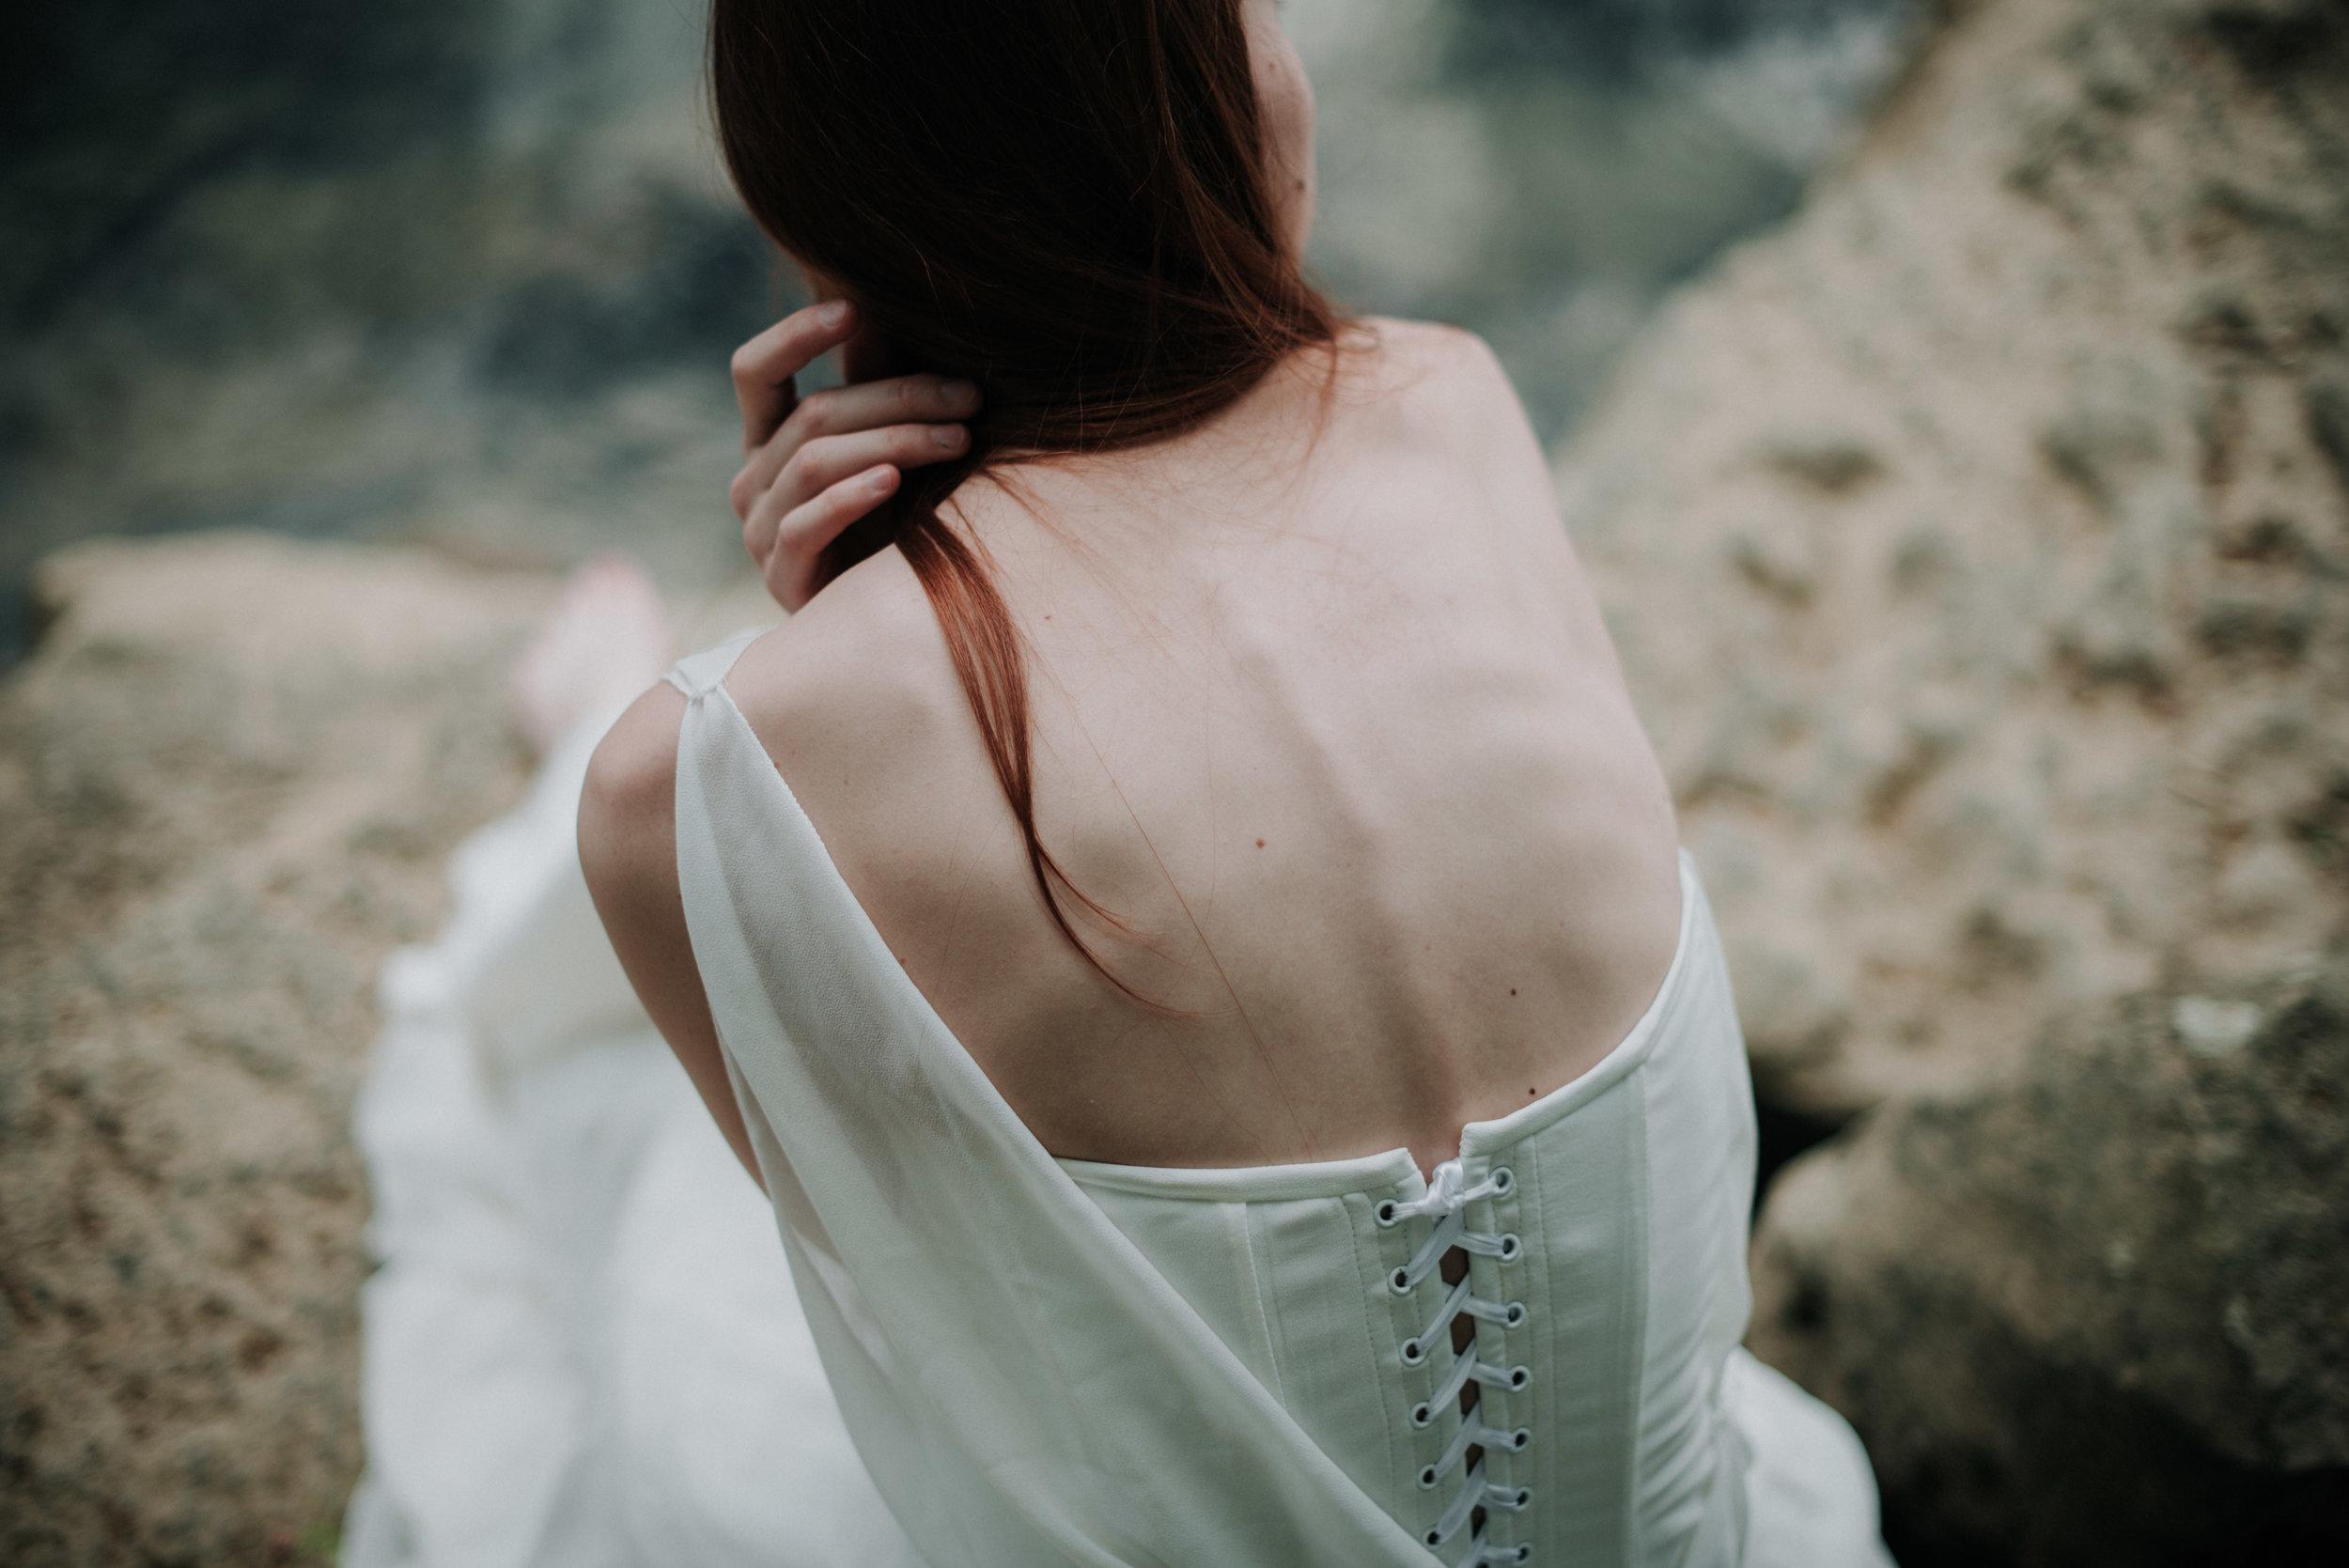 Léa-Fery-photographe-professionnel-lyon-rhone-alpes-portrait-creation-mariage-evenement-evenementiel-famille-8619.jpg